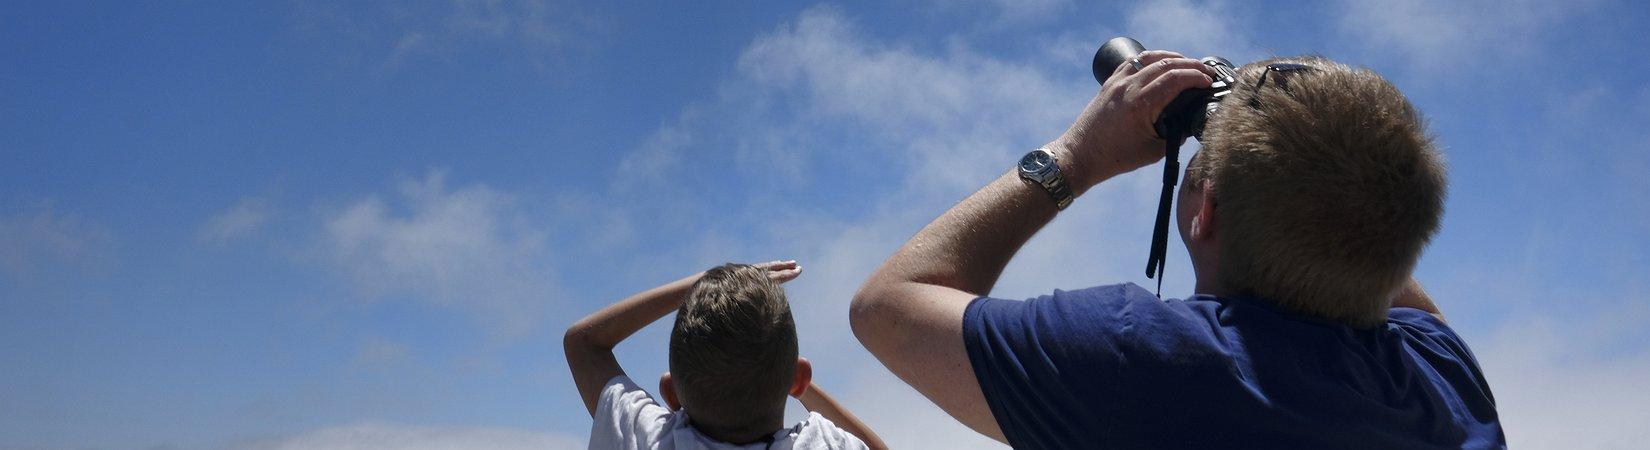 SpaceX: sucesso no lançamento e aterragem de dois foguetões em 48 horas